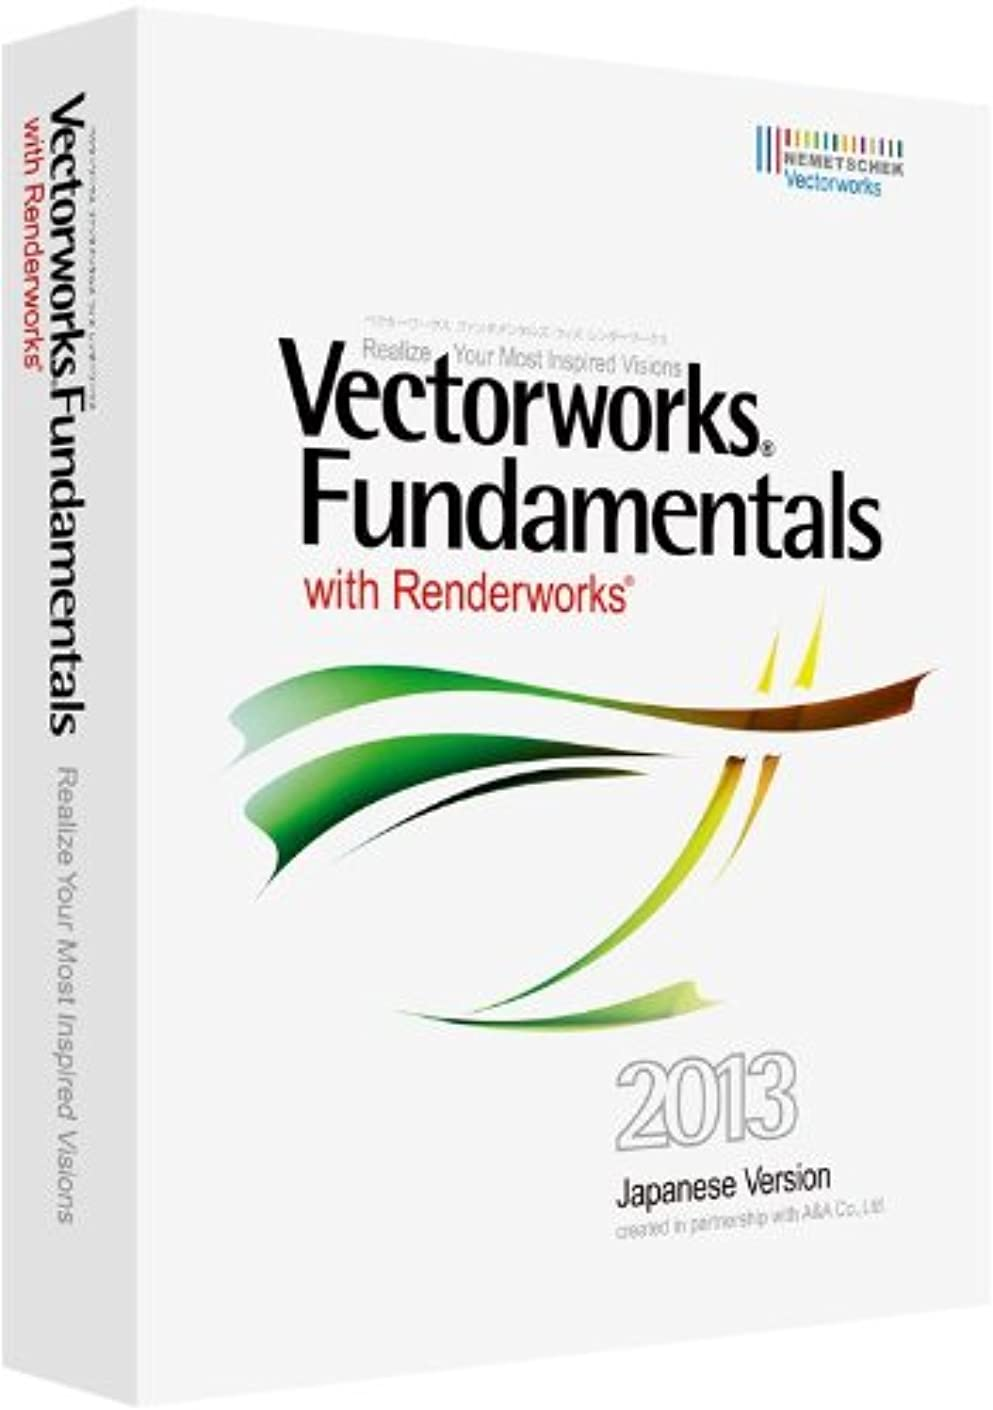 聖書救急車腫瘍Vectorworks Fundamentals with Renderworks 2013J スタンドアロン版 基本パッケージ